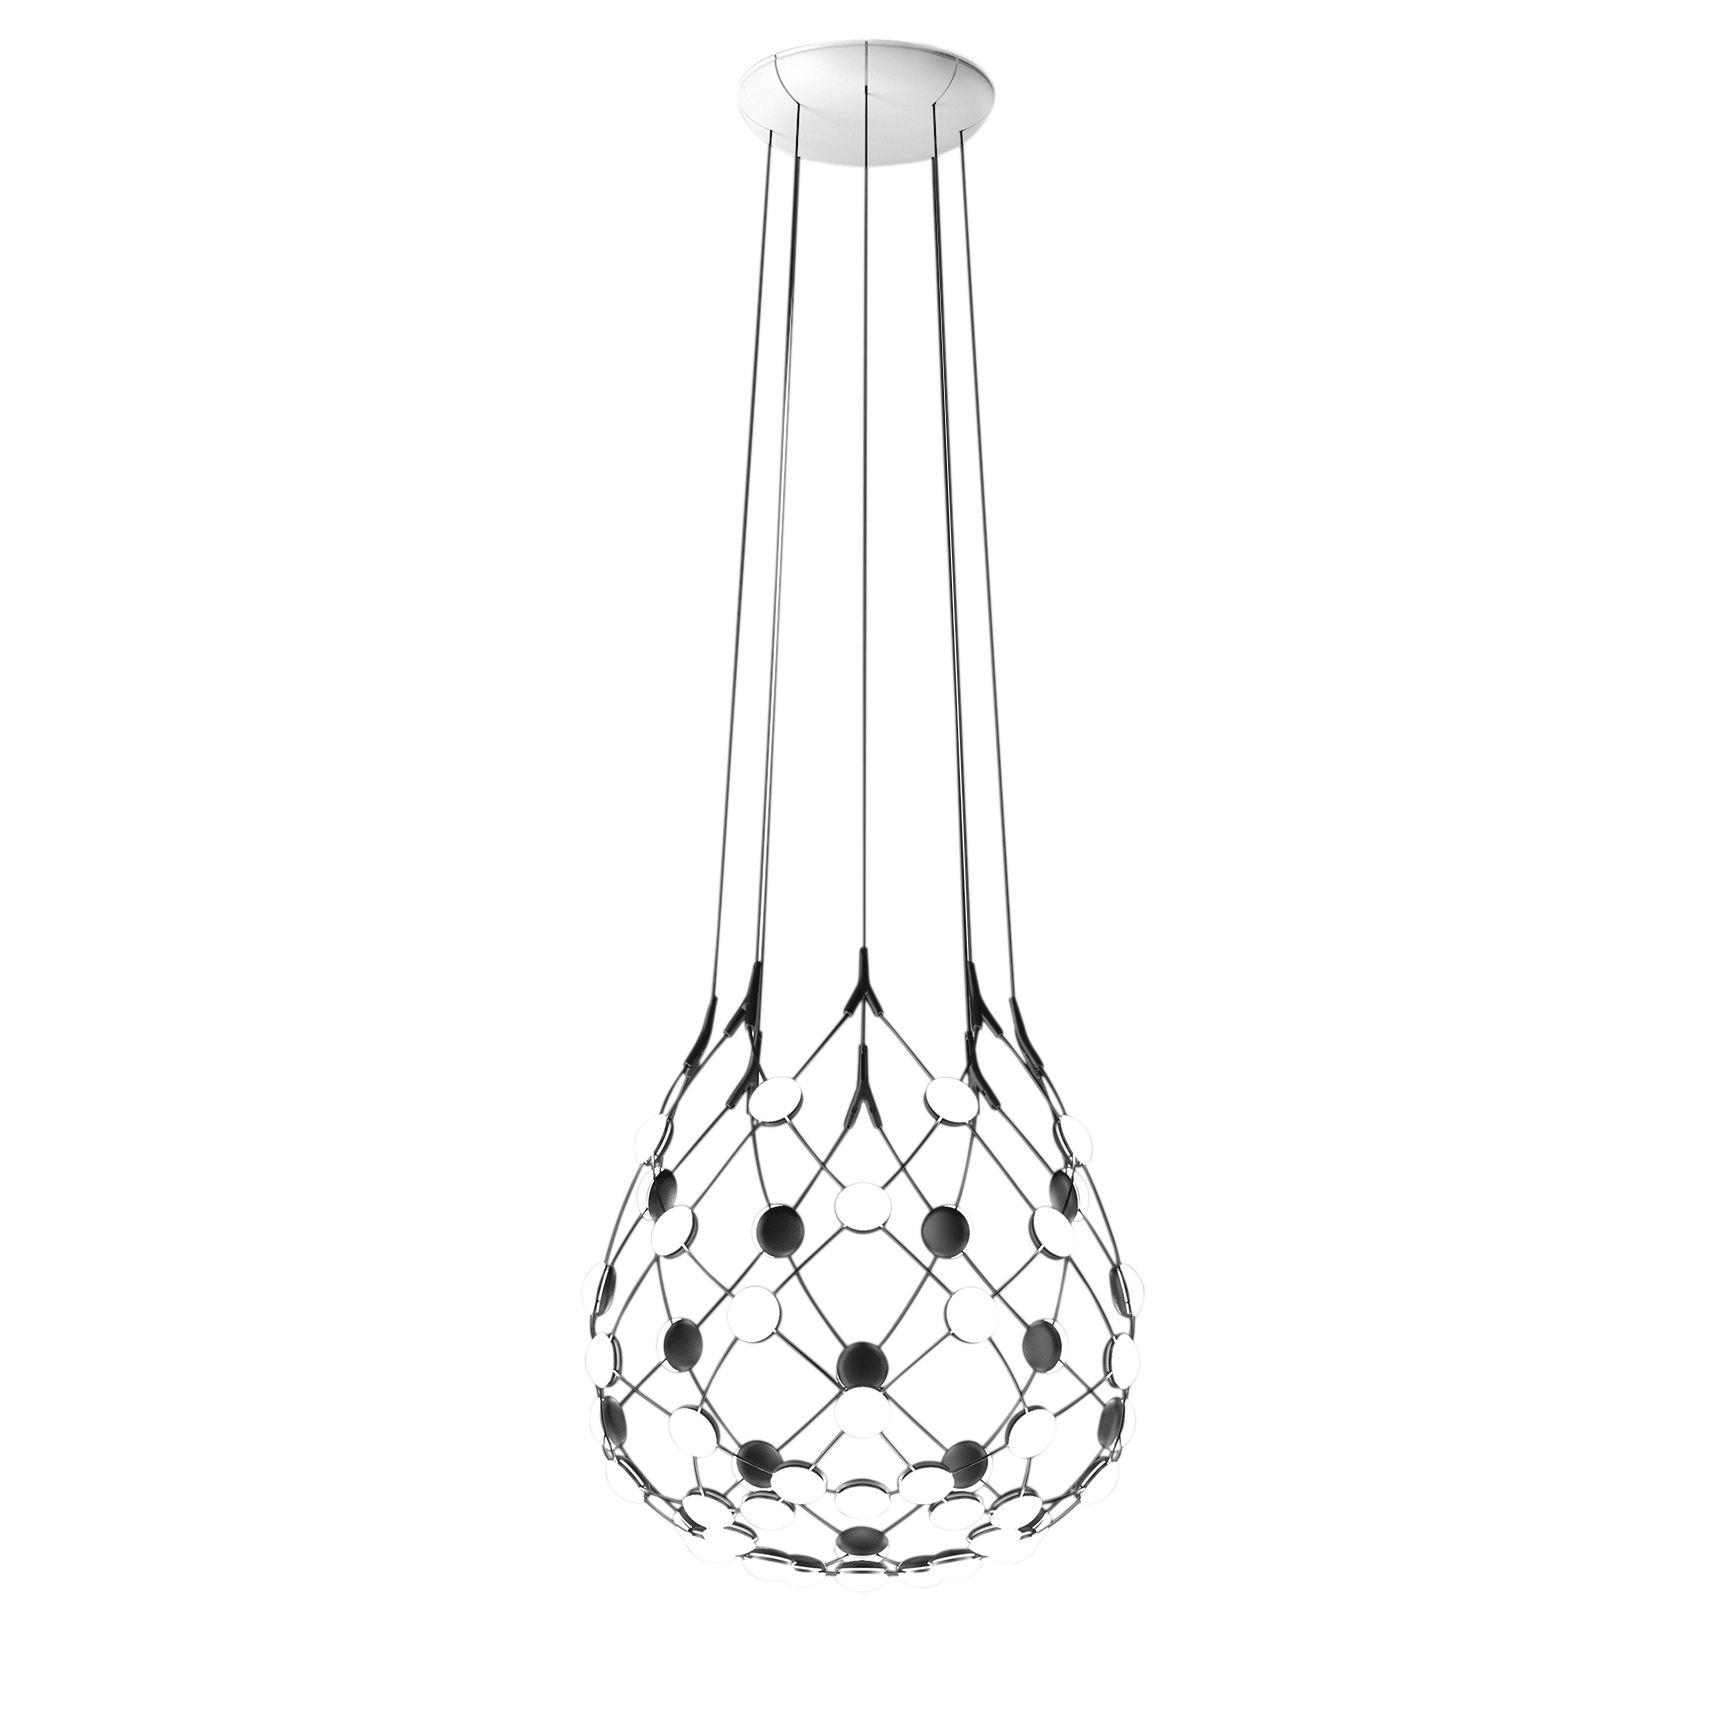 Leuchten - Pendelleuchten - Mesh LED Small Pendelleuchte / Ø 55 cm x H 55 cm - Luceplan - Ø 55 cm / schwarz - Polykarbonat, Stahl